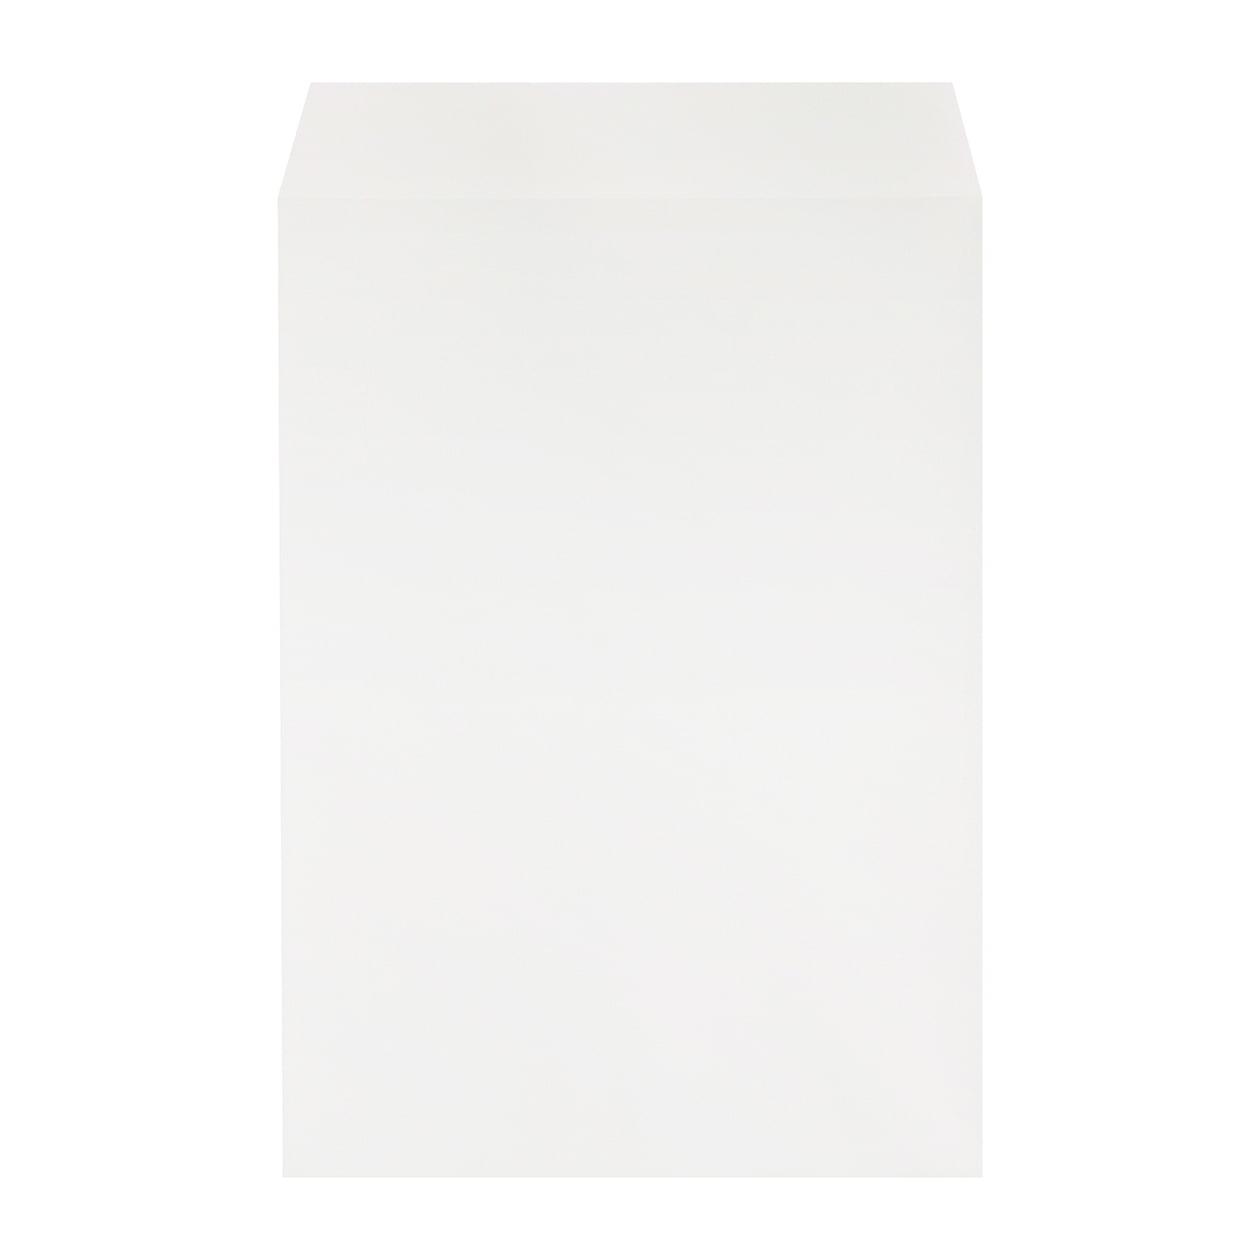 角2封筒 コットン ライトグレイ 116.3g